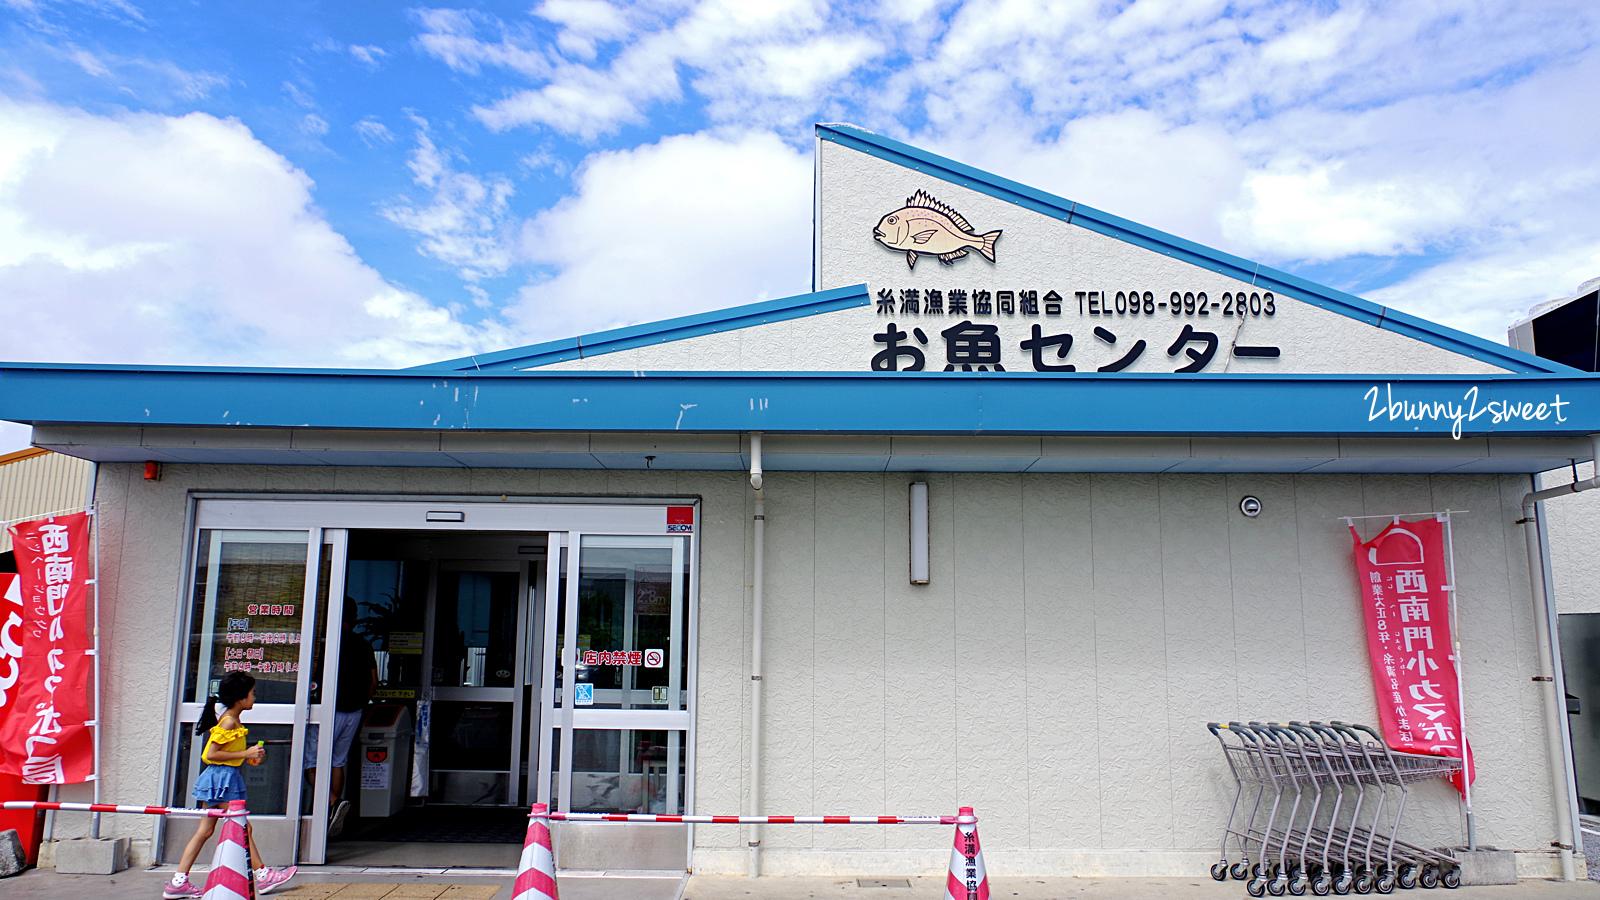 2019-0628-系滿漁市-01.jpg